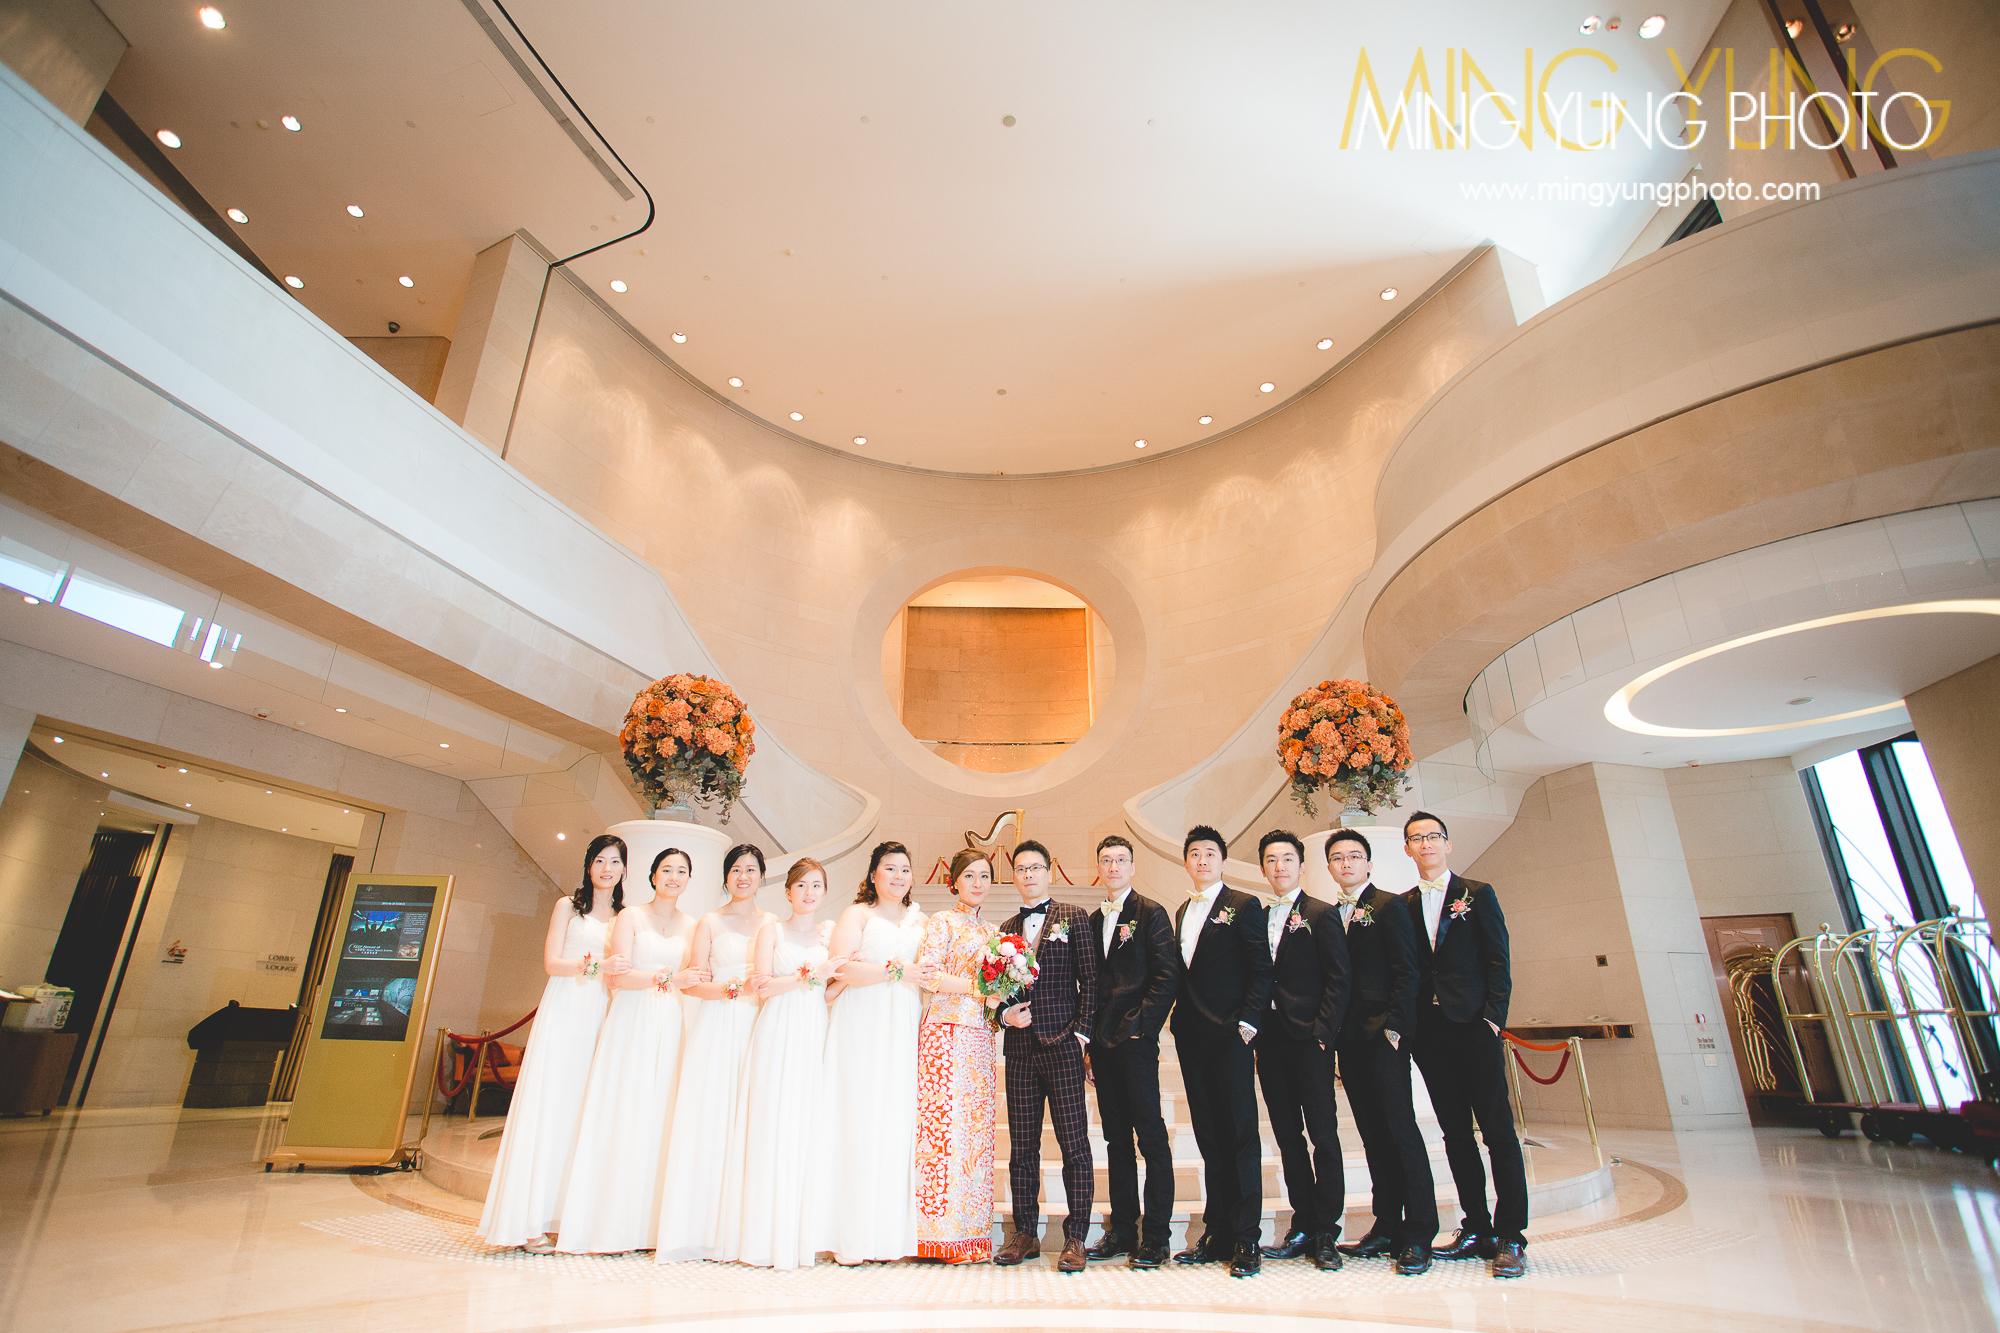 mingyungphoto-201606240019